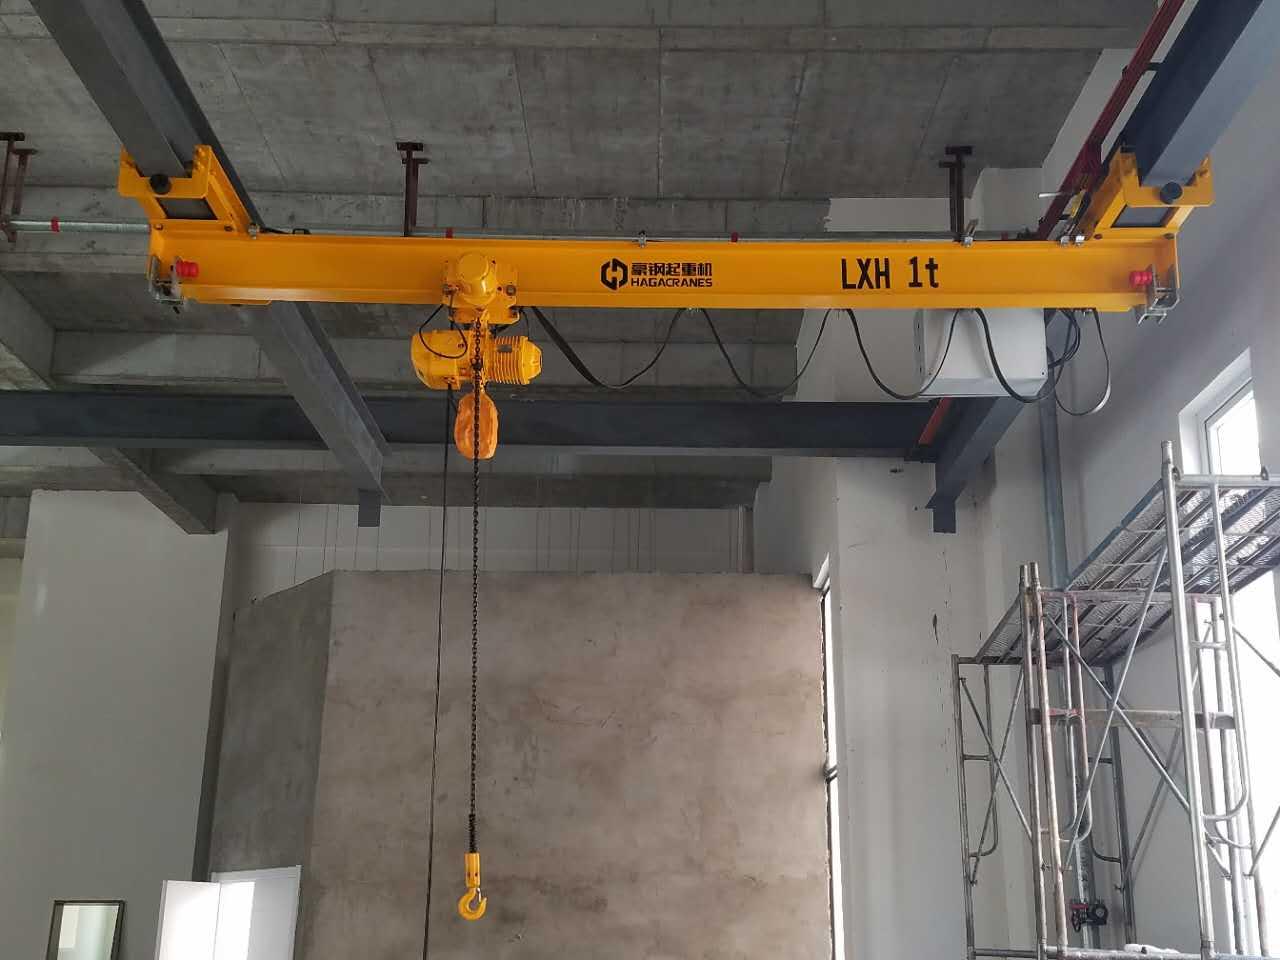 豪钢起重机与栋霖电气合作共赢 为量身定做1t悬挂起重机